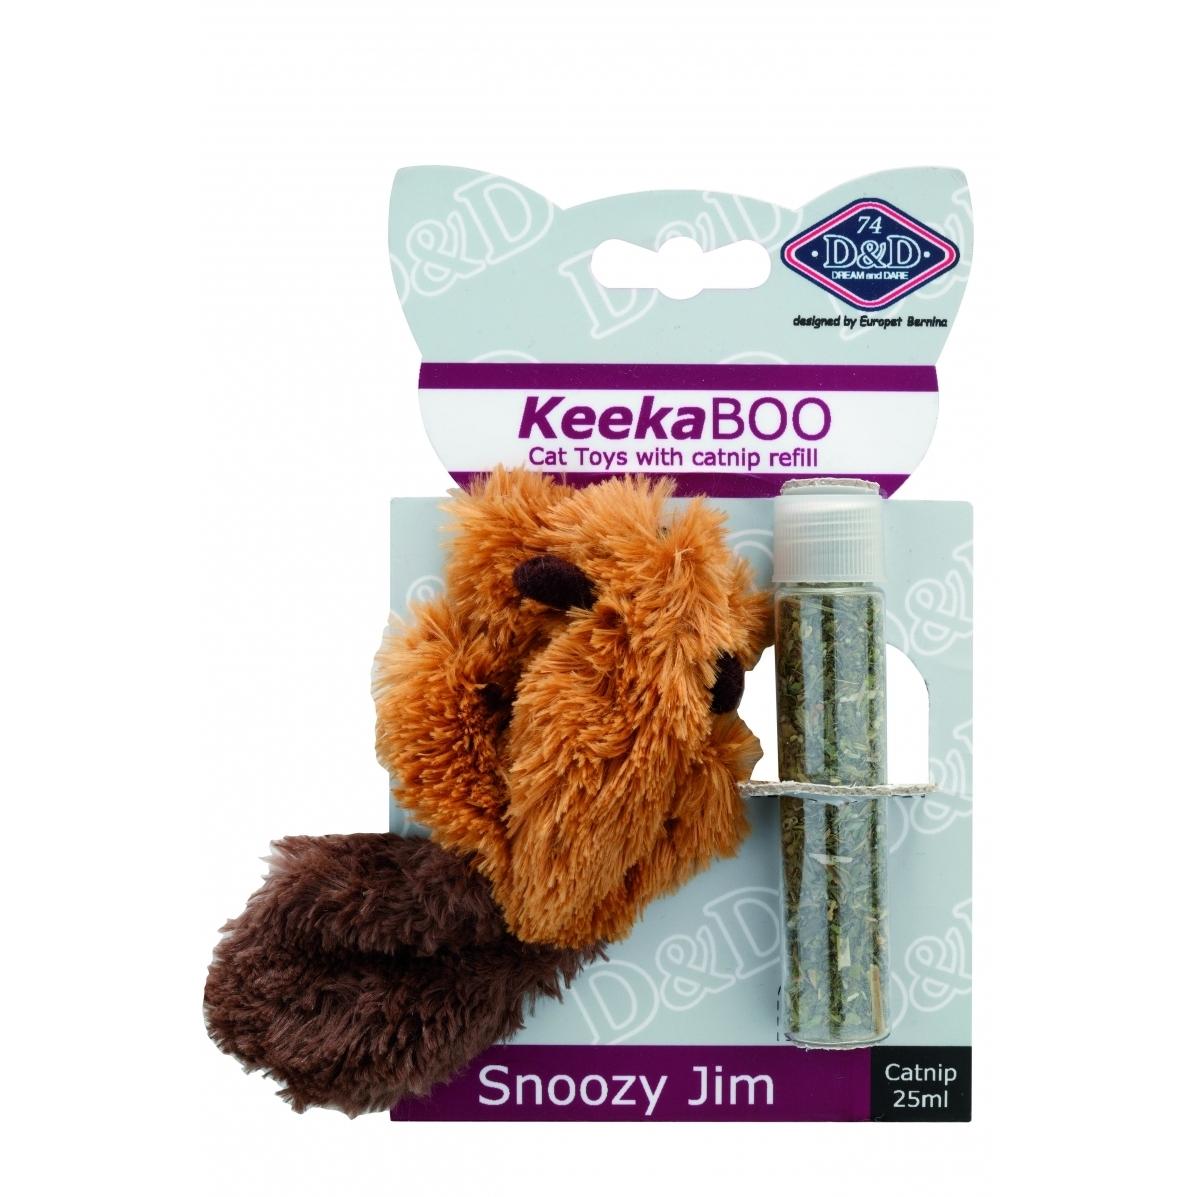 DREAM and DARE D&D KeekaBoo Catnip Spielzeug, Bild 6